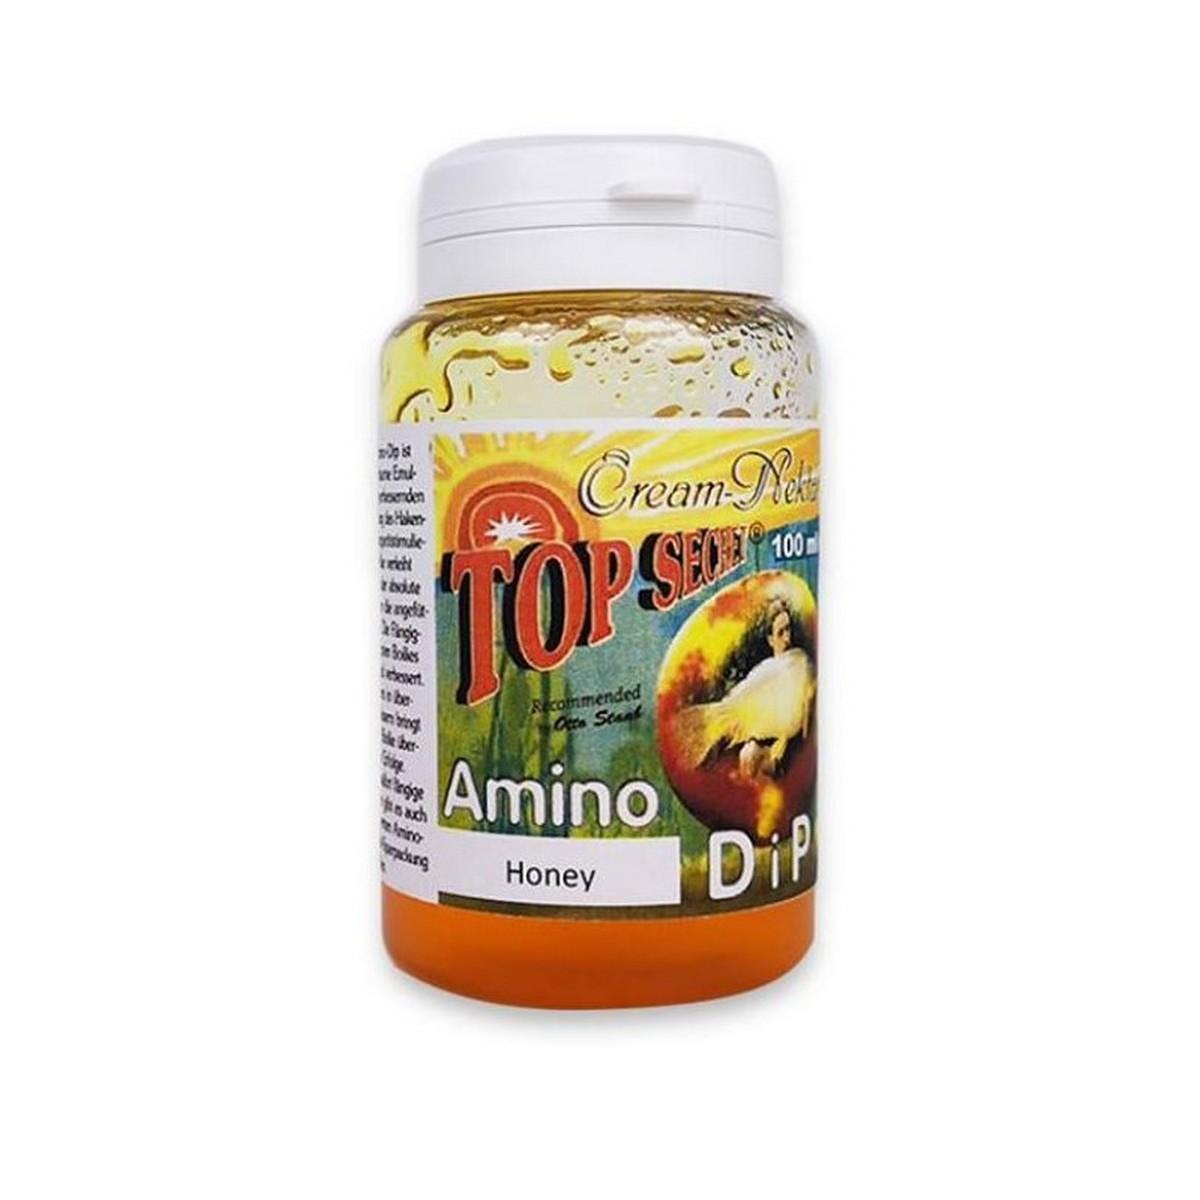 Дип Top Secret Amino Cream Мед